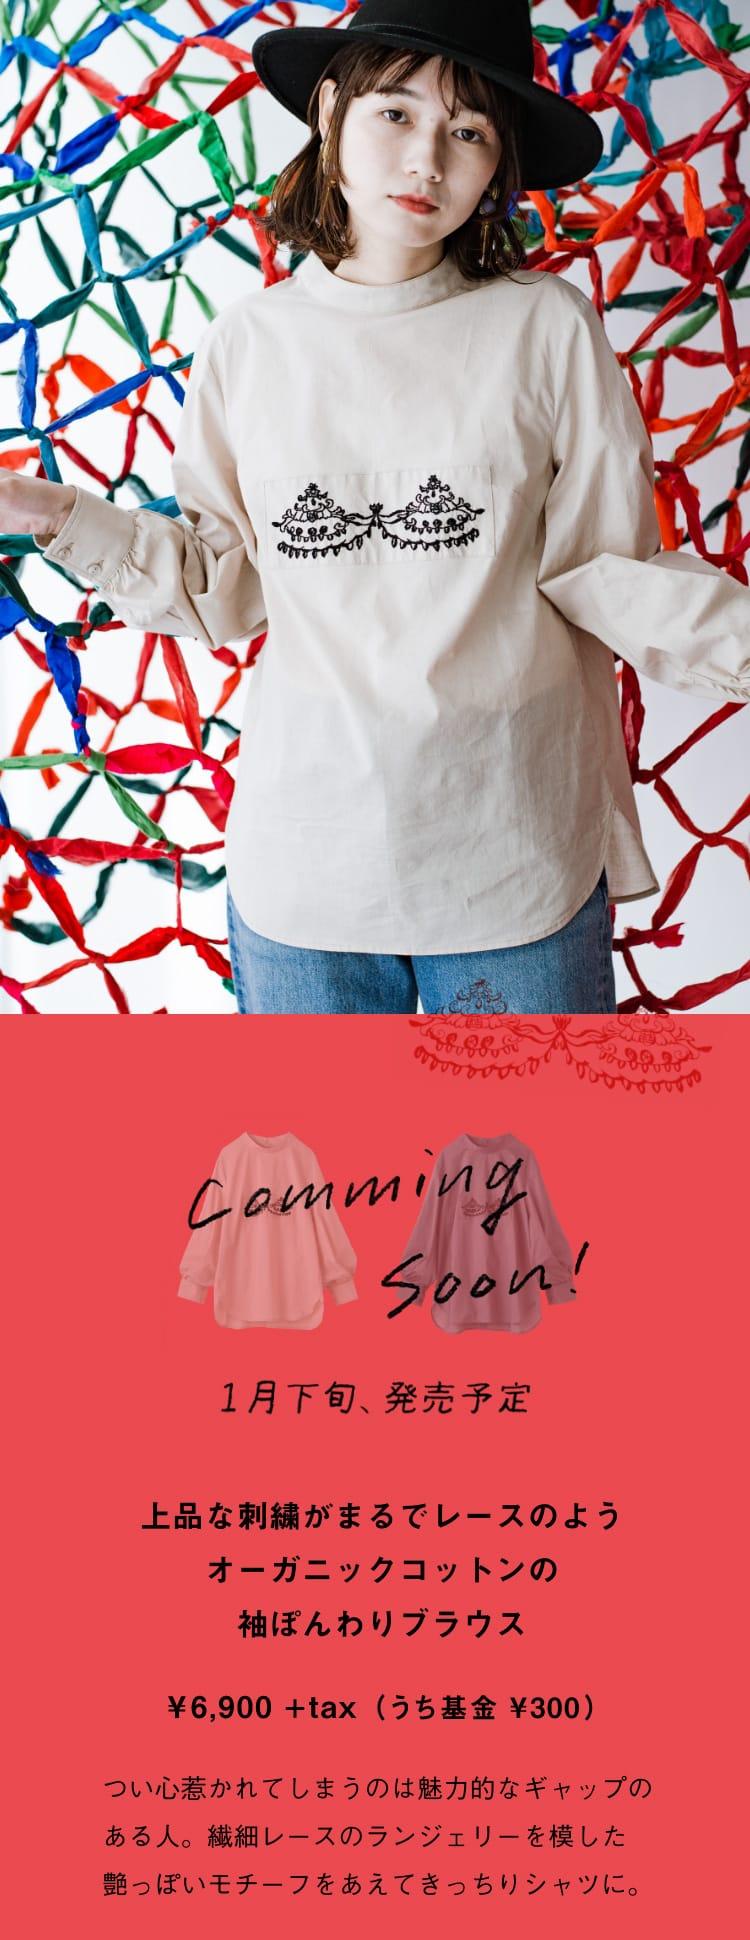 1月下旬、発売予定 上品な刺繍がまるでレースのようオーガニックコットンの袖ぽんわりブラウス ¥6,900+tax(うち基金 ¥300)つい心惹かれてしまうのは魅力的なギャップのある人。繊細レースのランジェリーを模した艶っぽいモチーフをあえてきっちりシャツに。